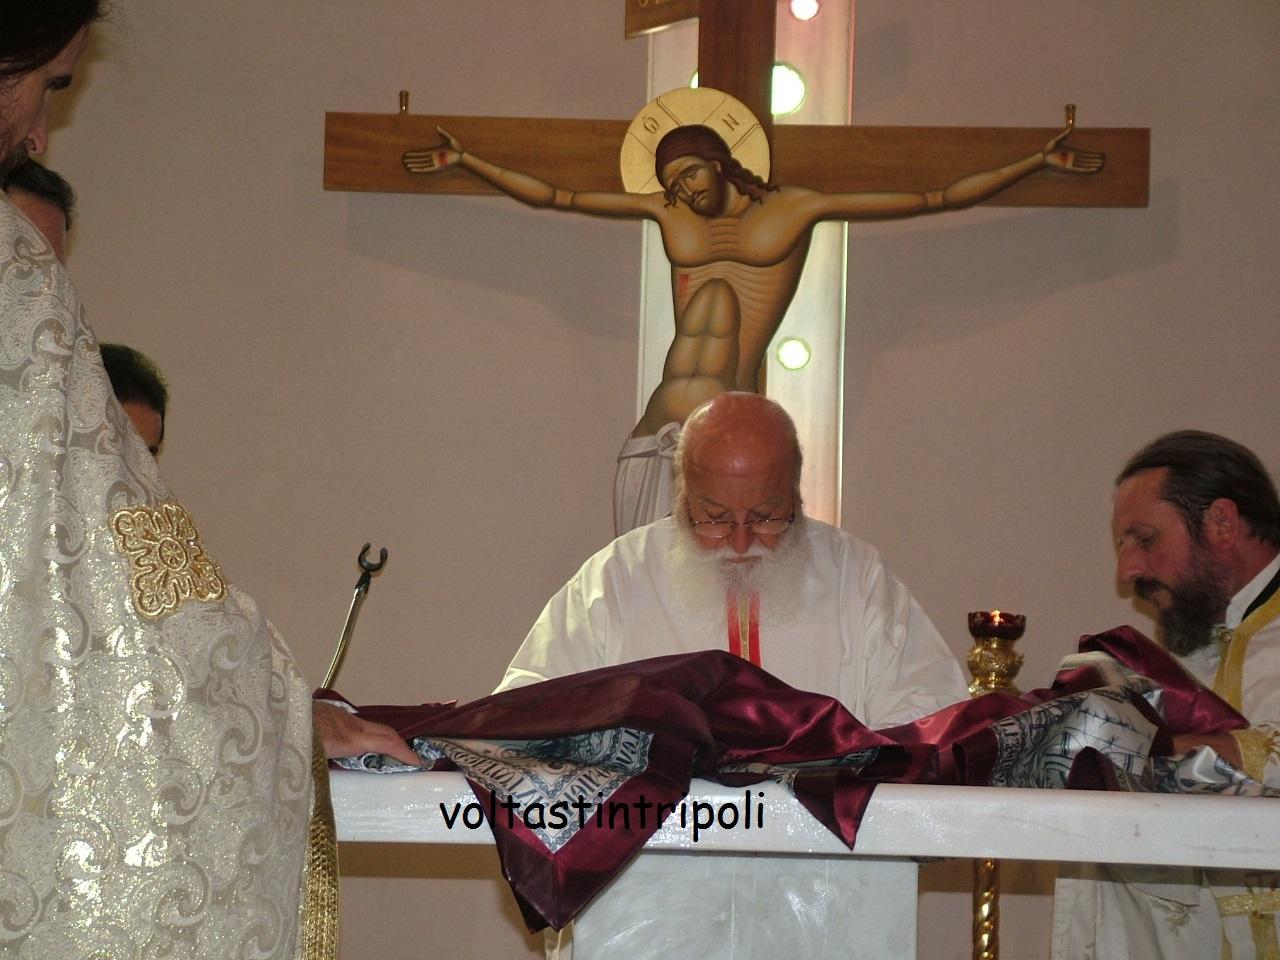 Εγκανιάσθηκε ο Ι.Ν. Αγίας Αικατερίνης Τριπόλεως